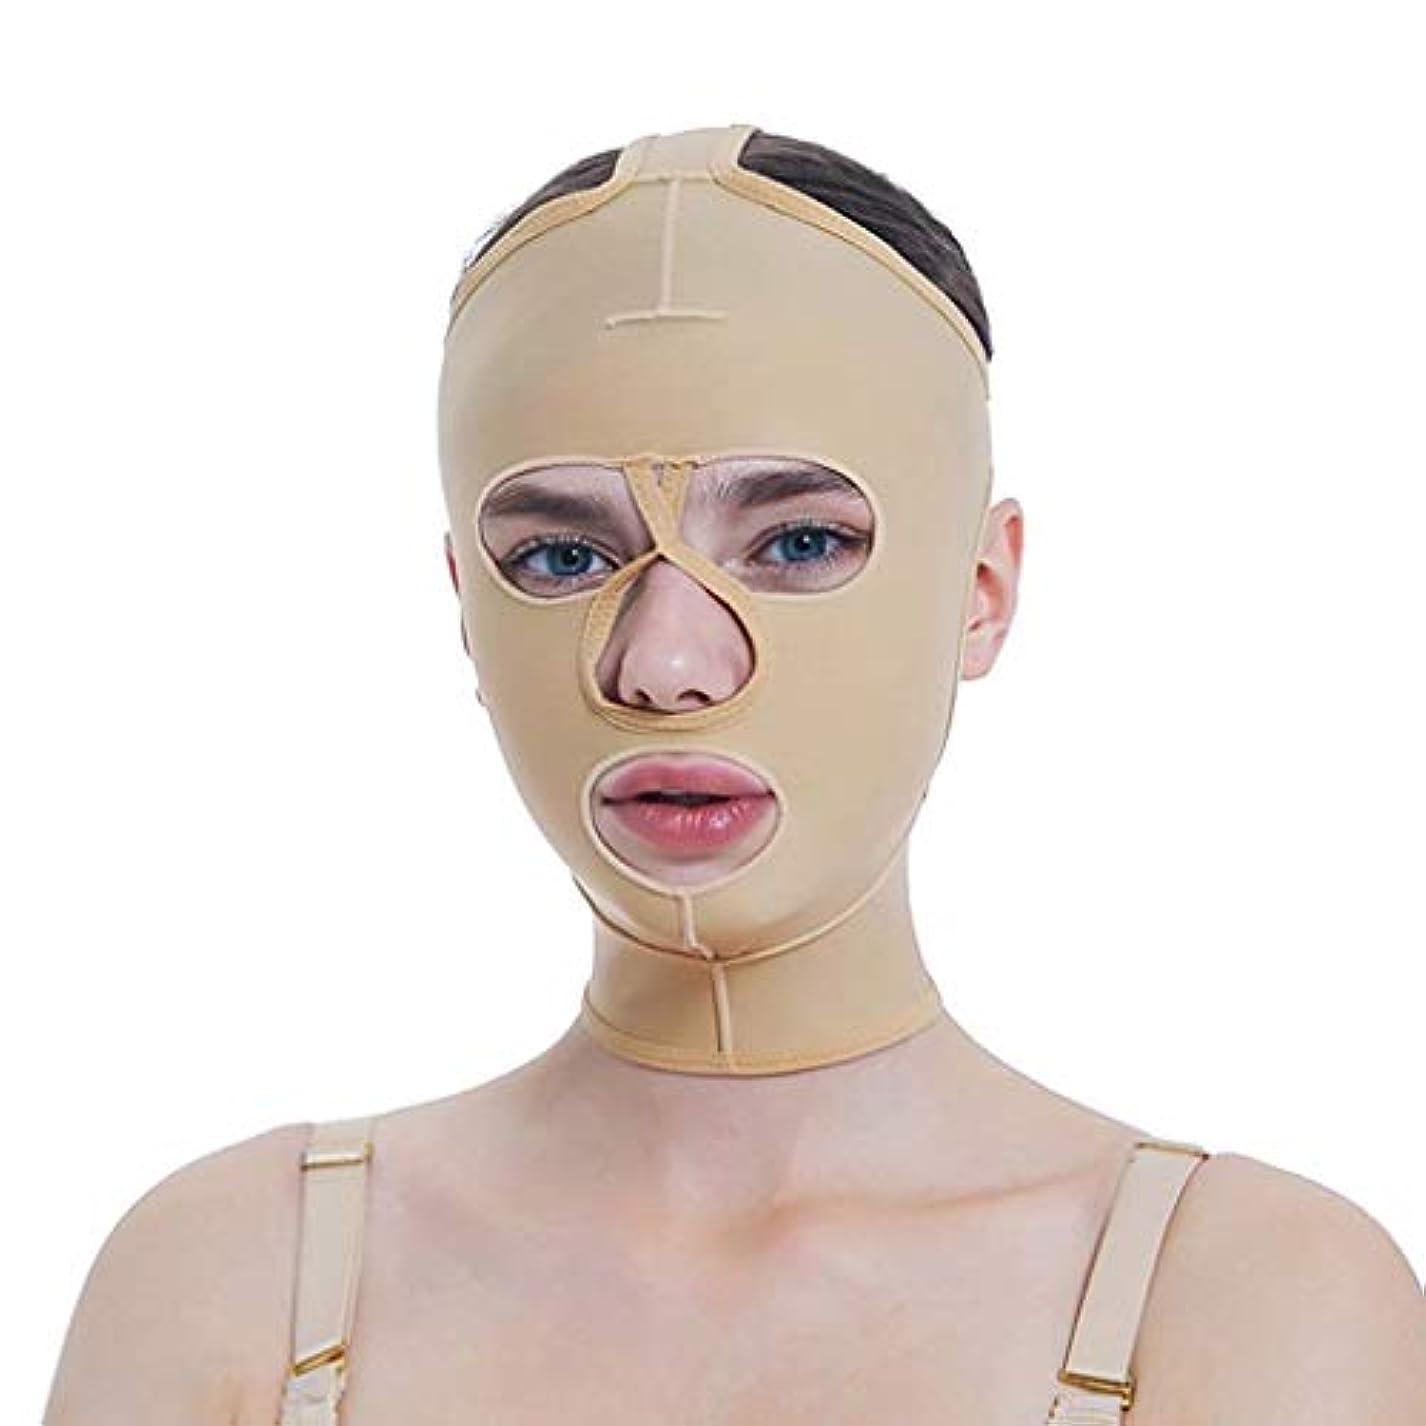 薄汚い陰謀阻害する脂肪吸引術用成形マスク、薄手かつらVフェイスビームフェイス弾性スリーブマルチサイズオプション(サイズ:S)